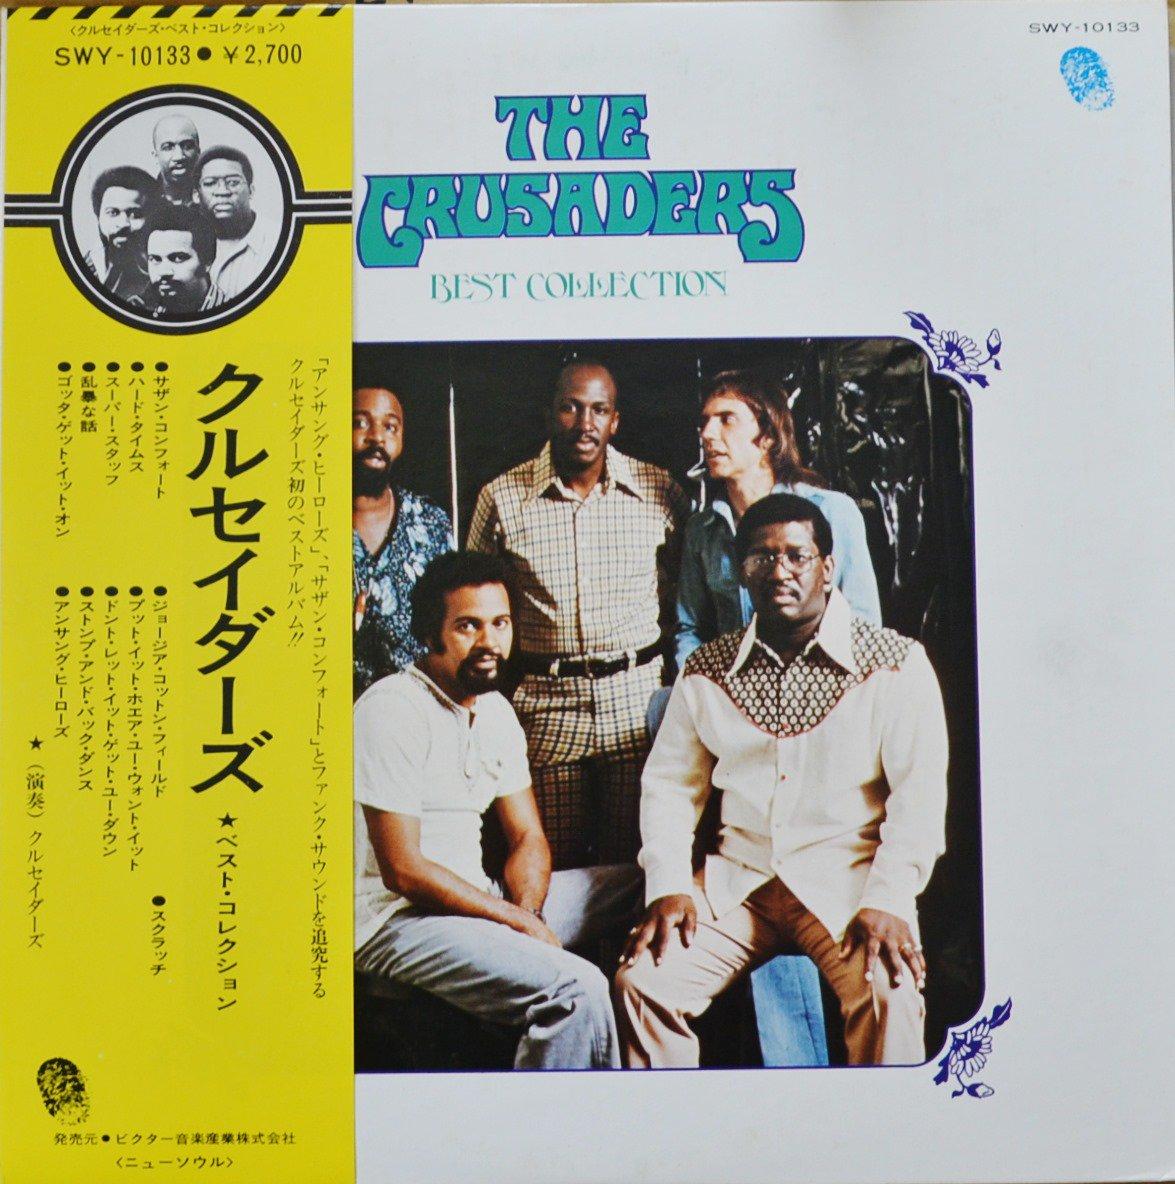 クルセイダーズ THE CRUSADERS / ベスト・コレクション BEST COLLECTION (LP)